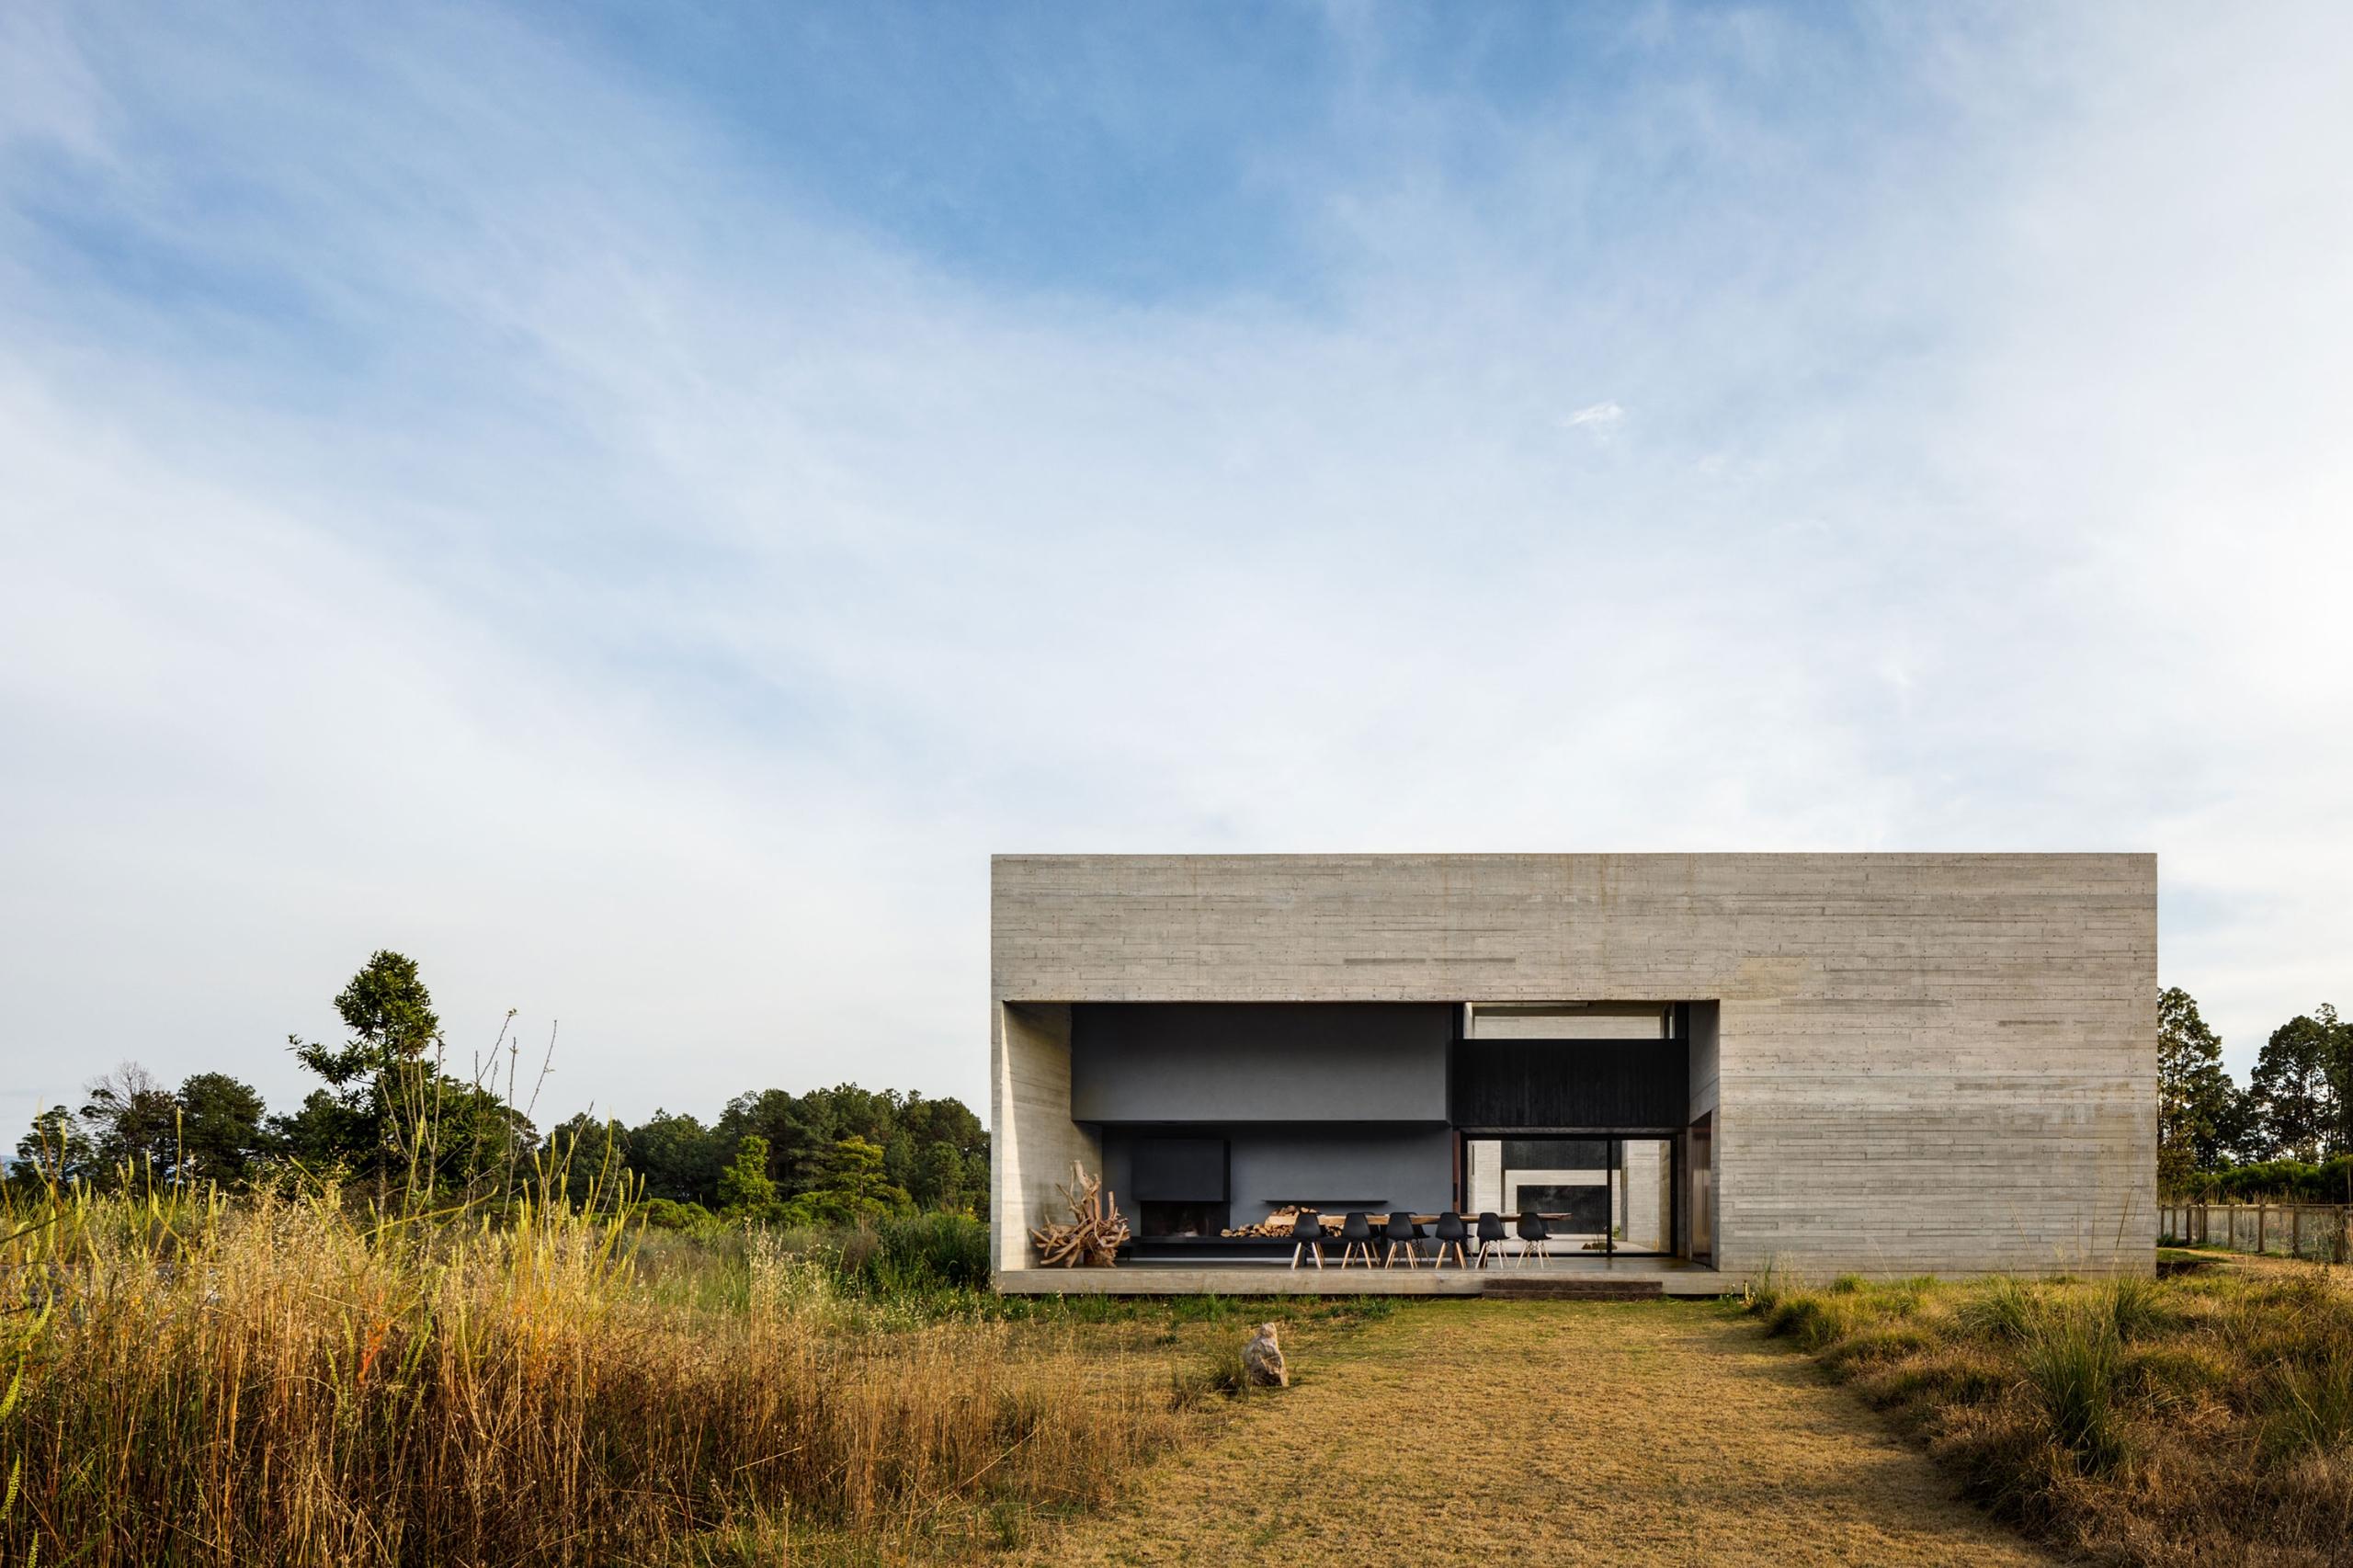 Brutalist Architecture Gems. Di - gessato | ello